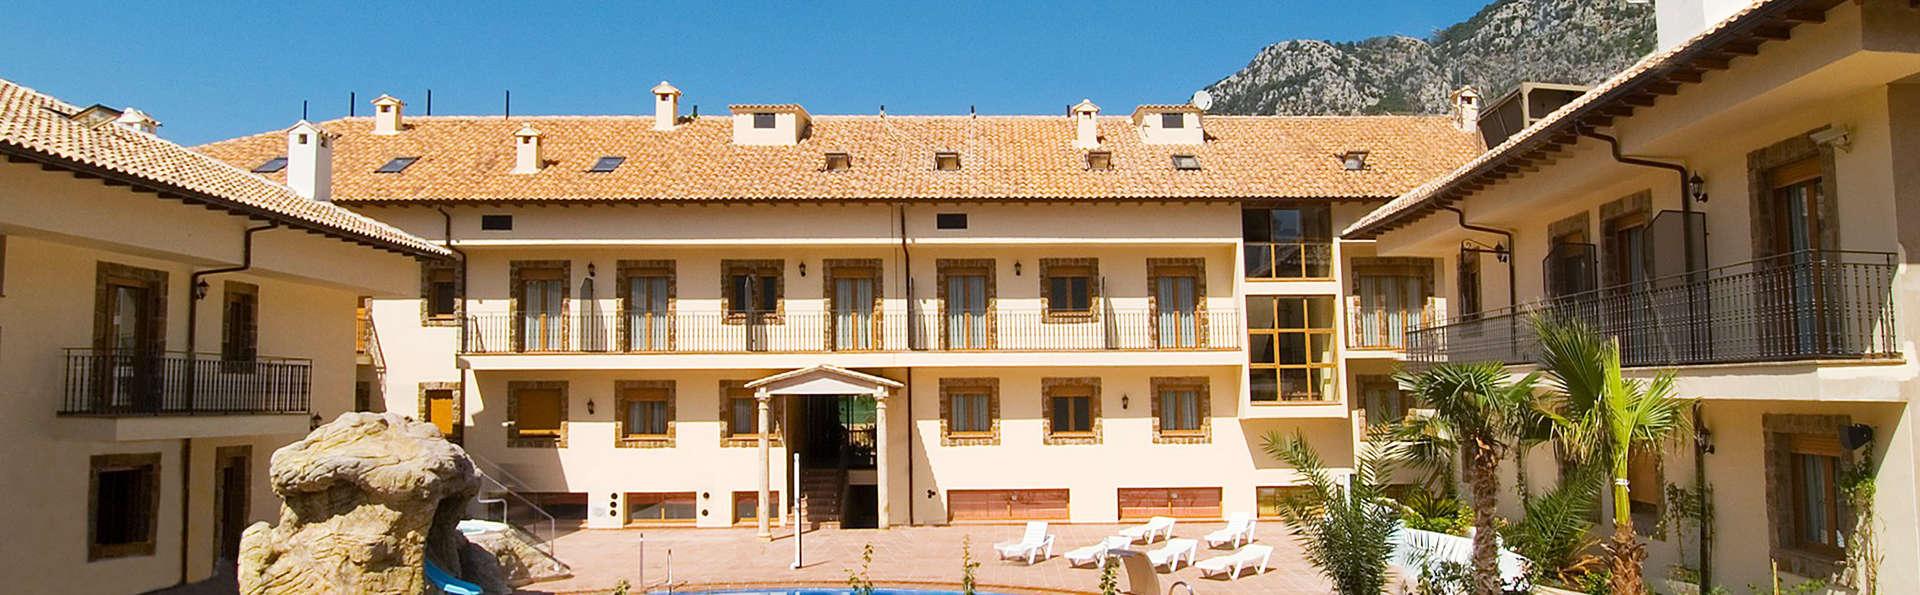 Escápate en Pensión Completa a este Hotel Rural 4* en el Parque Natural de Cazorla